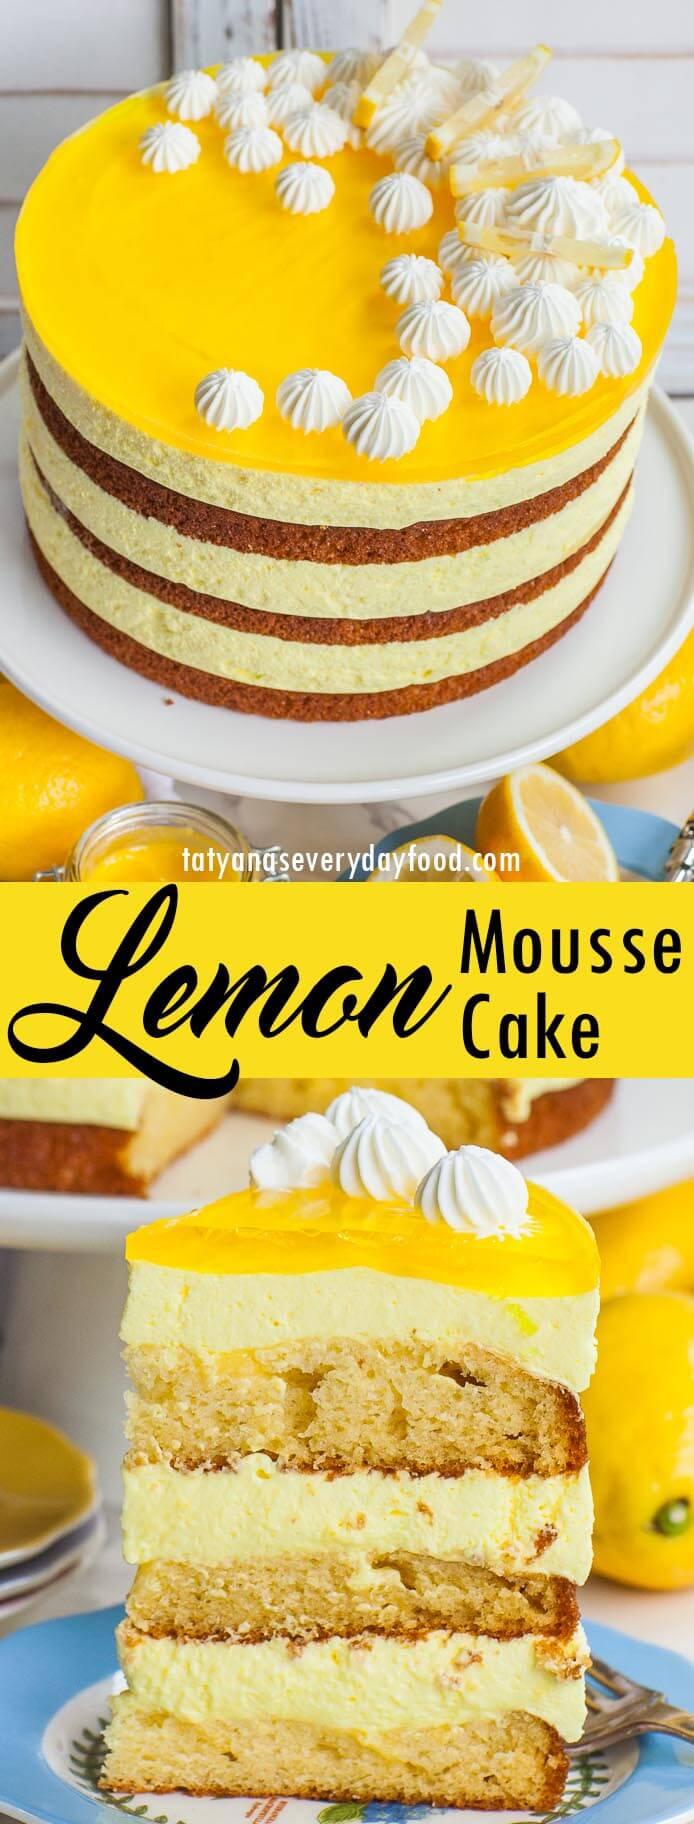 Lemon Mousse Cake video recipe